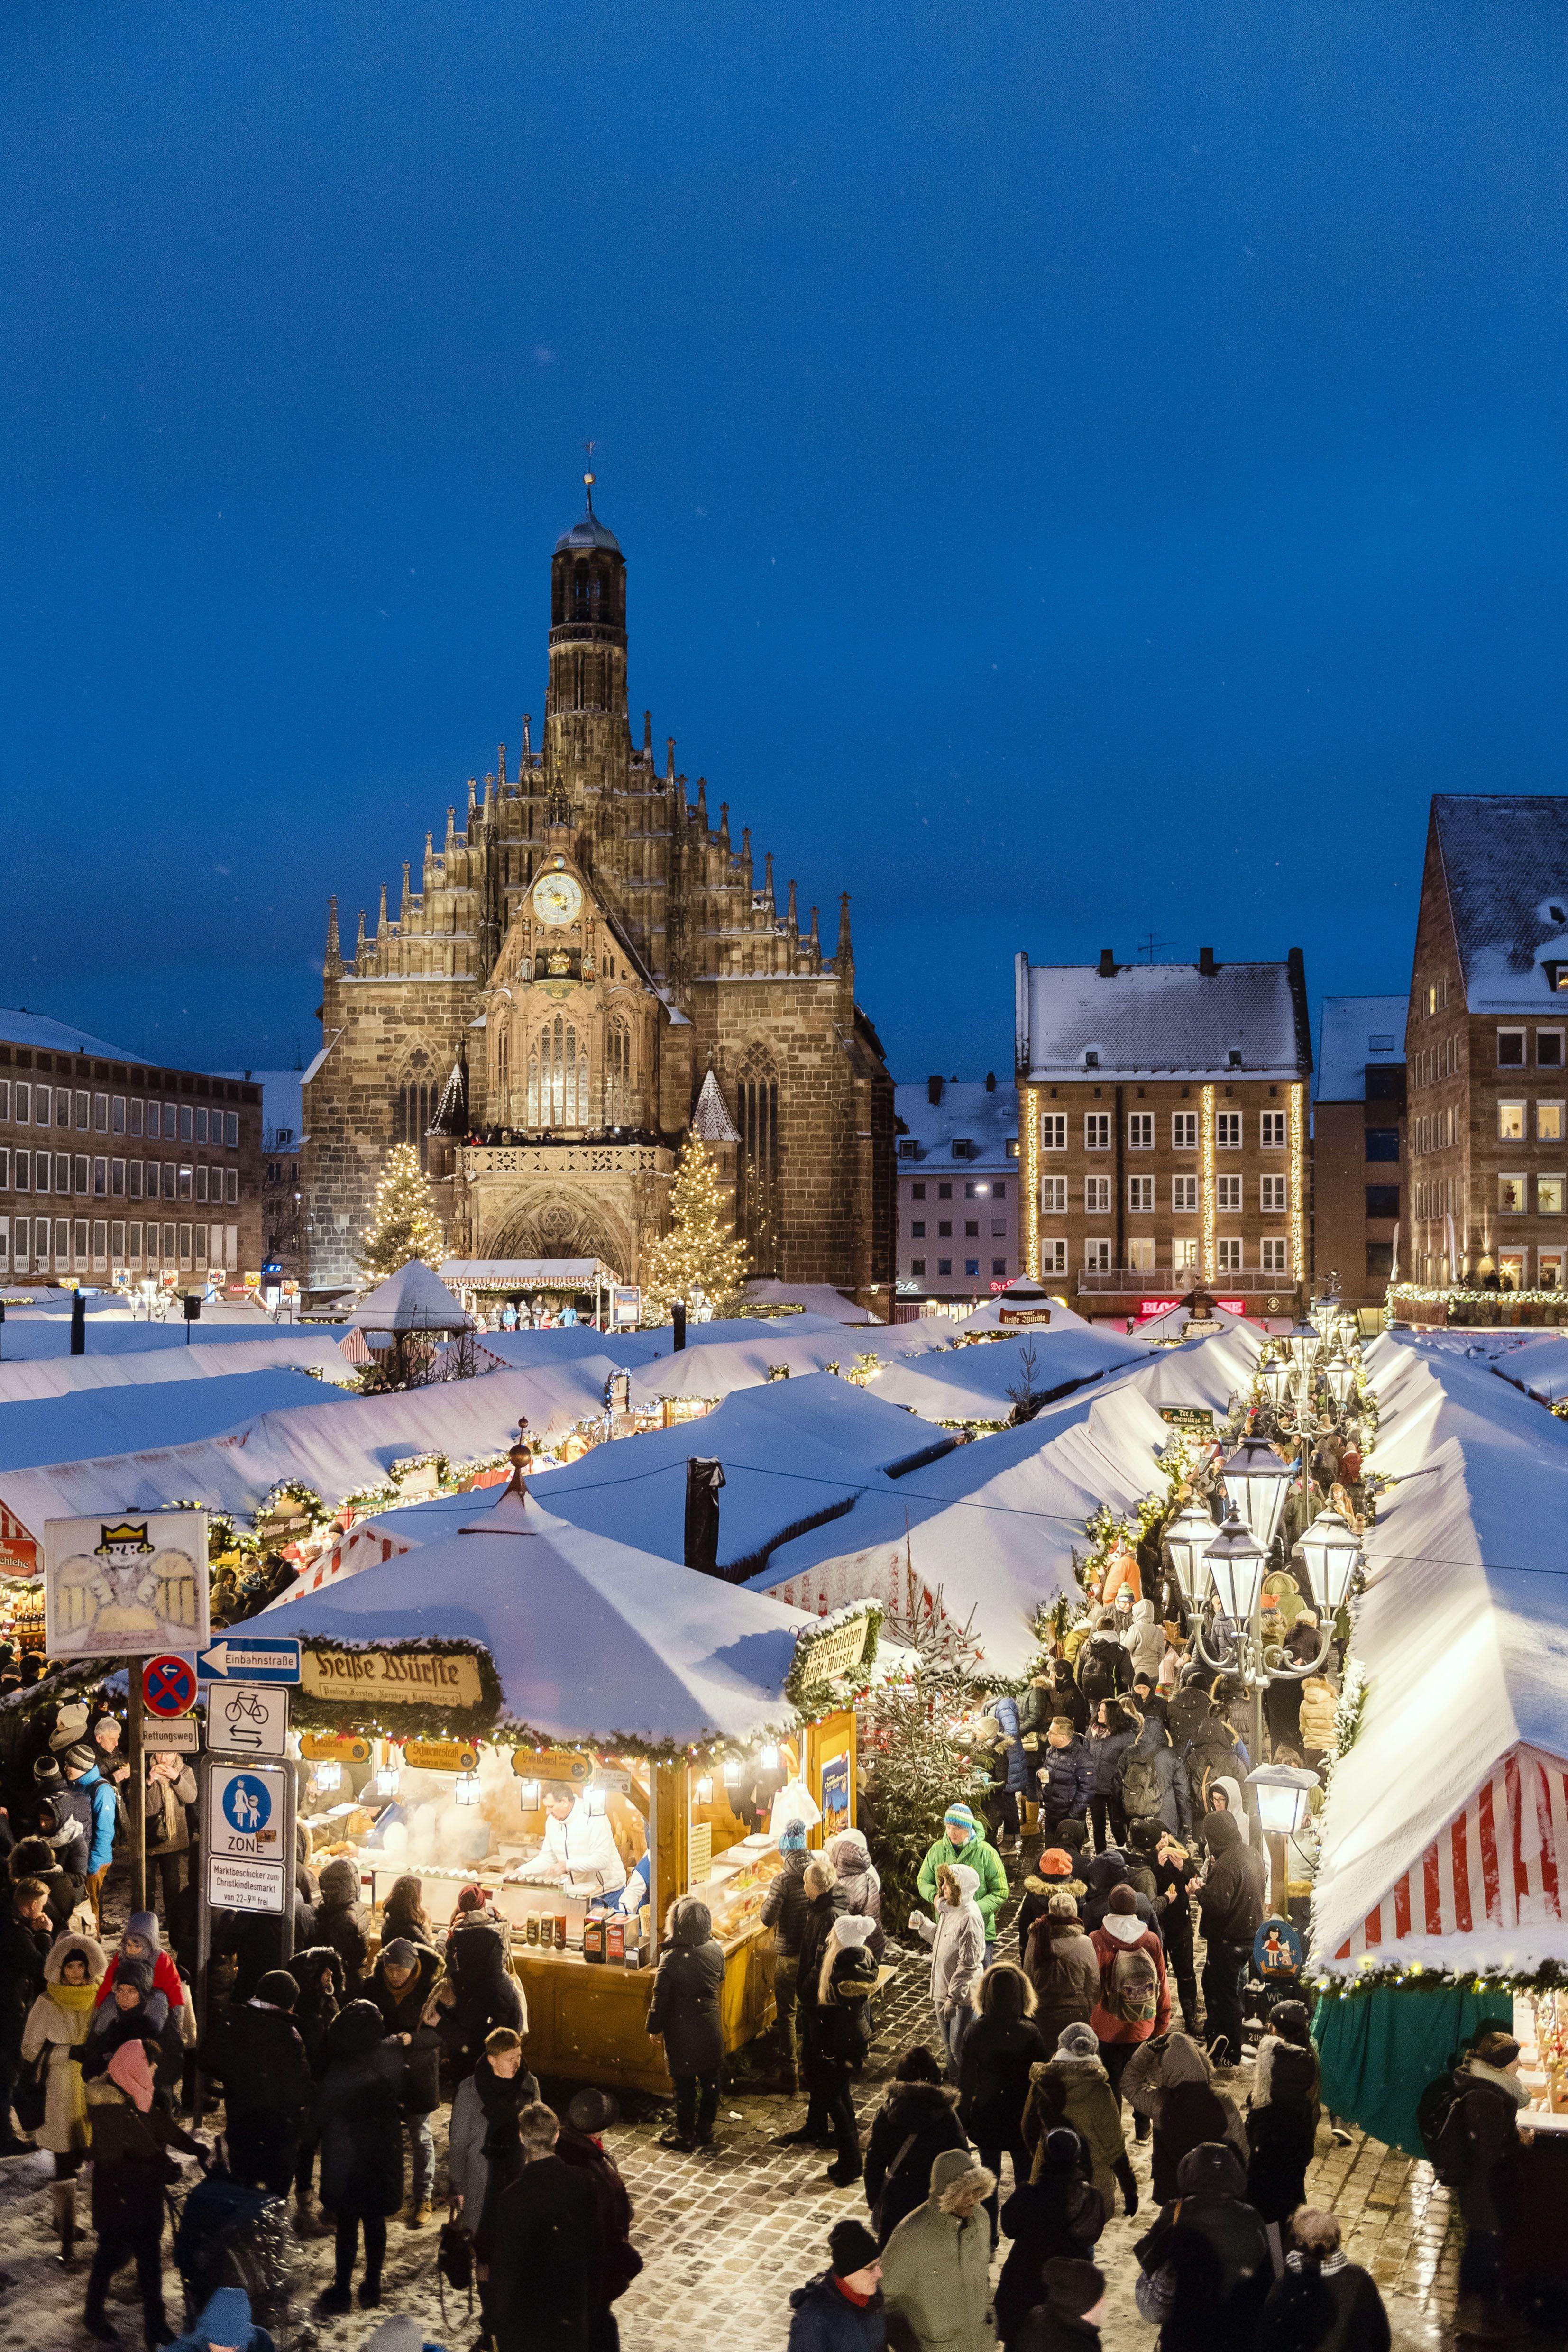 Christkindlesmarkt Christkindlesmarkt, Nürnberg, Deutschland